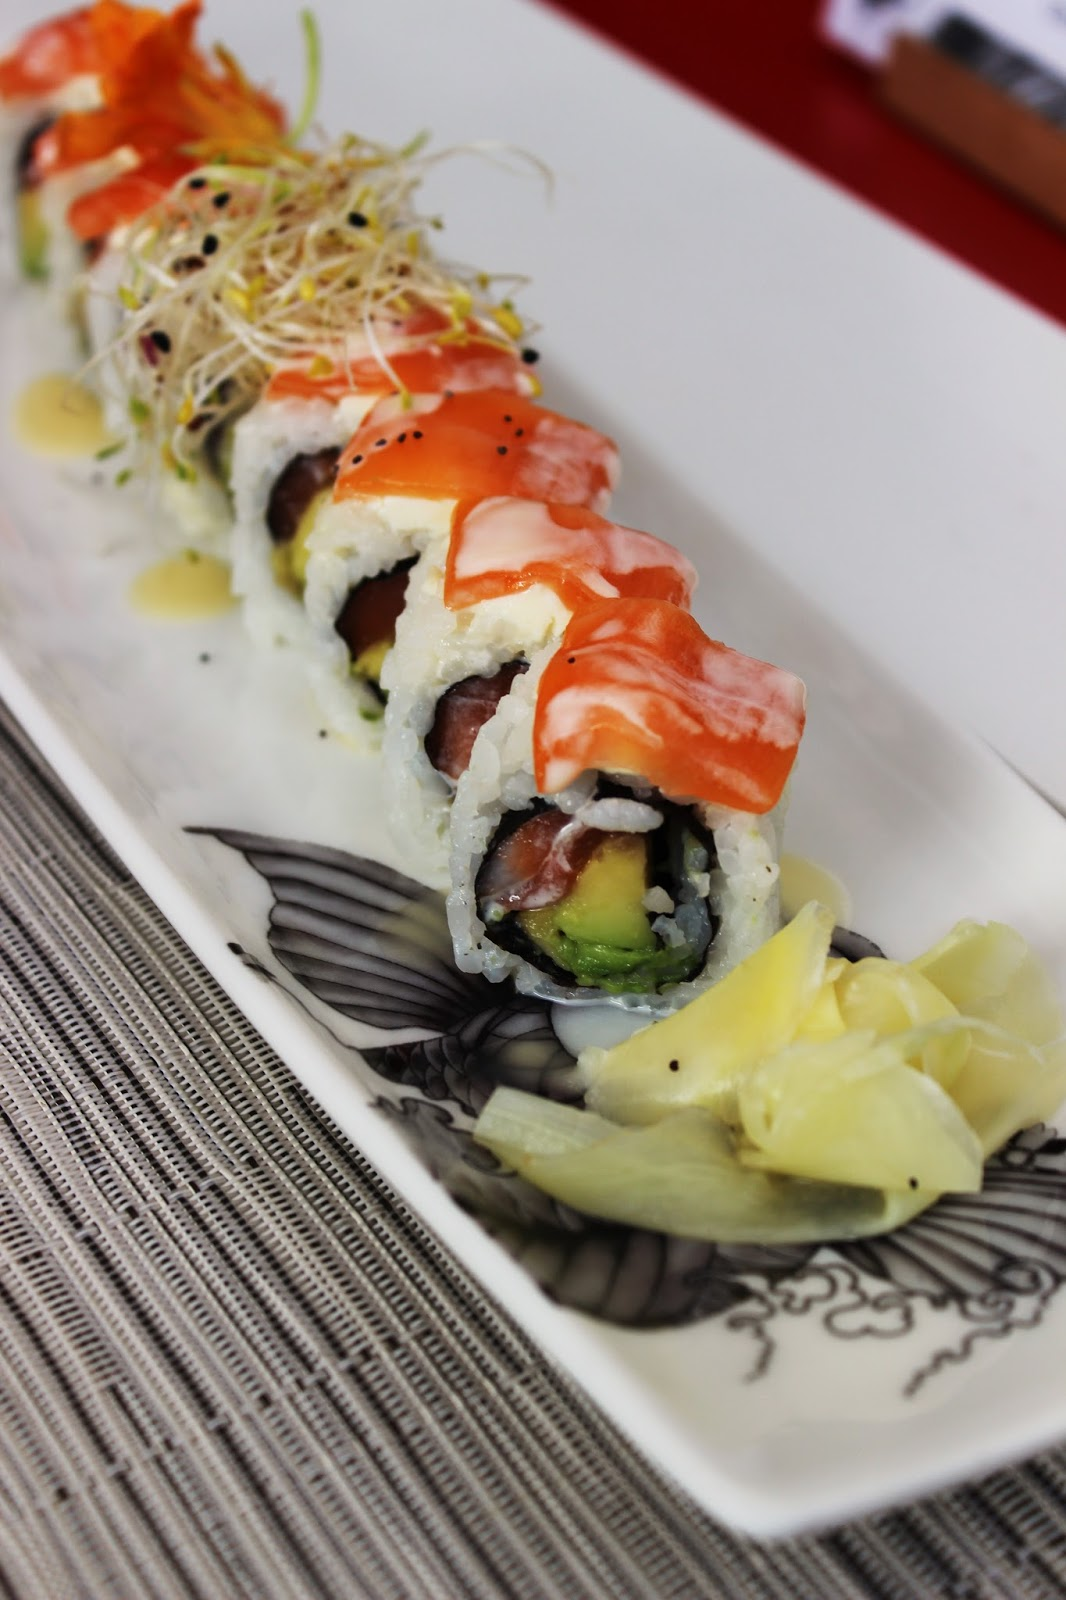 L 39 instant resto ko 13 100 aix en provence for Koi sushi aix en provence